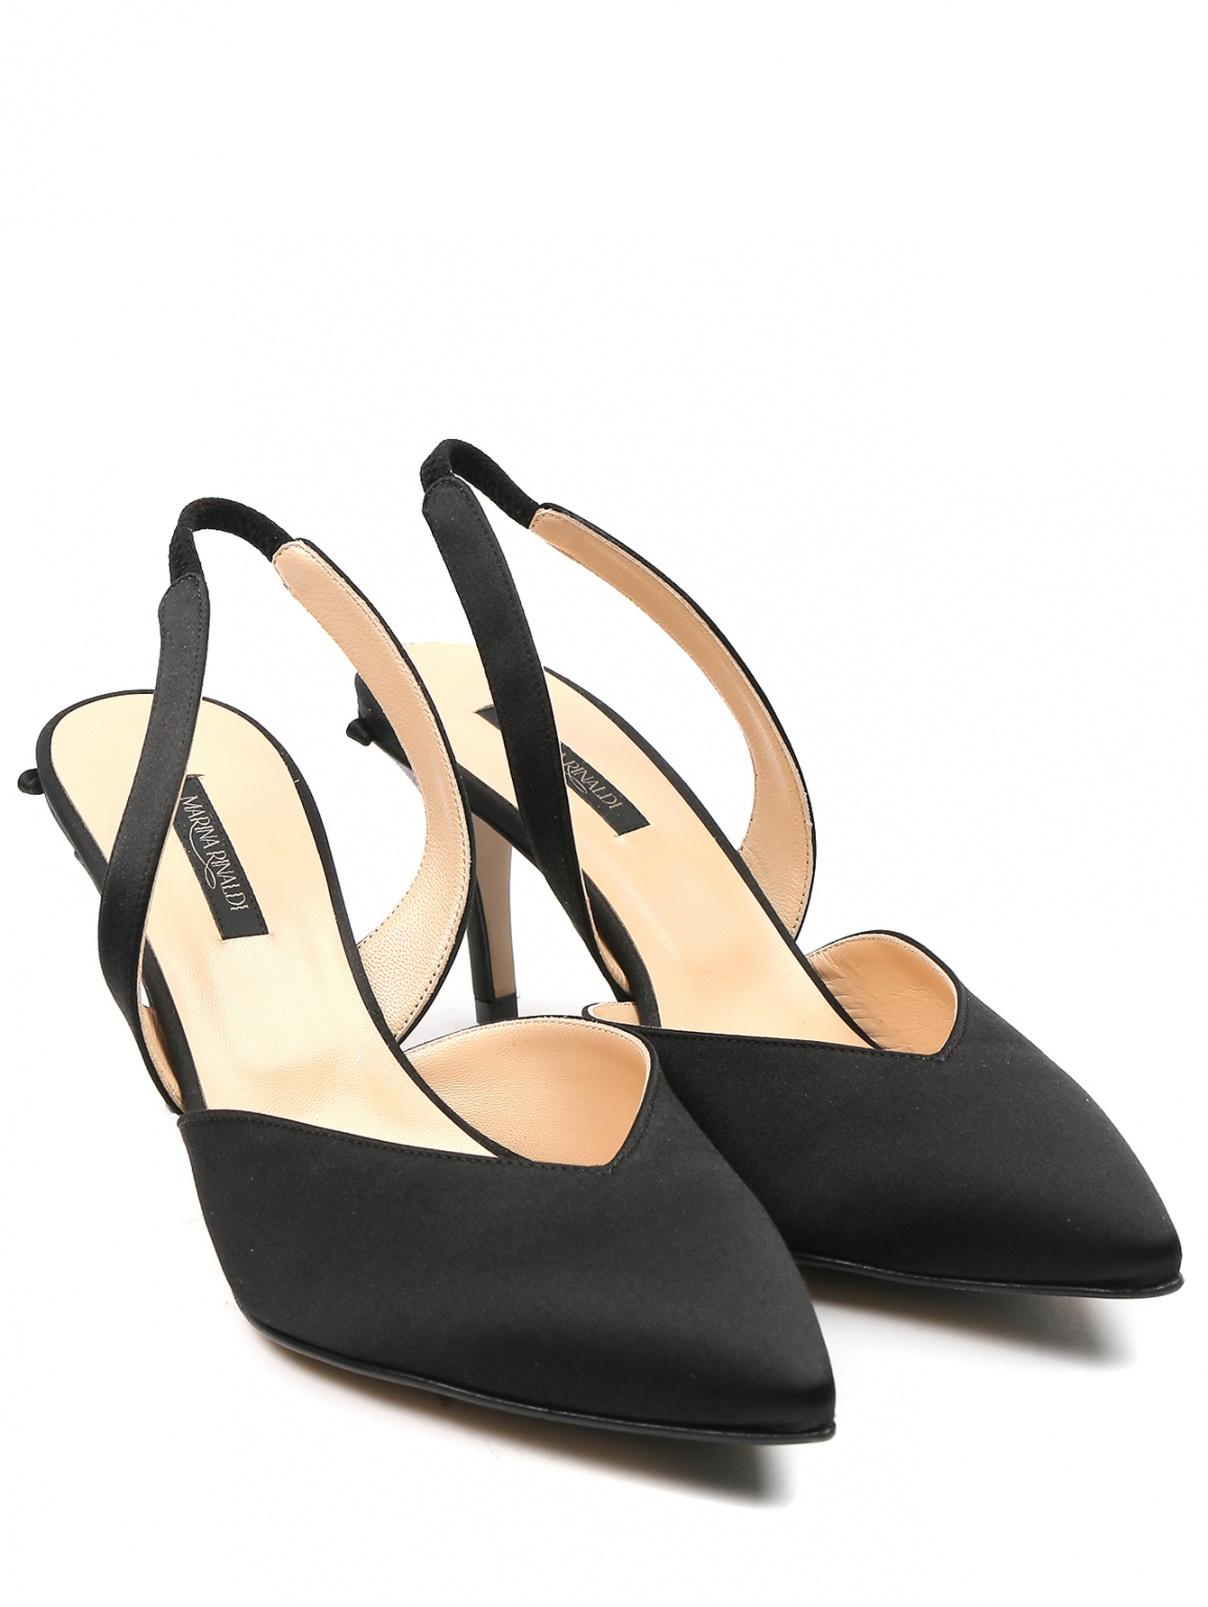 Атласные туфли из кожи и текстиля Marina Rinaldi  –  Общий вид